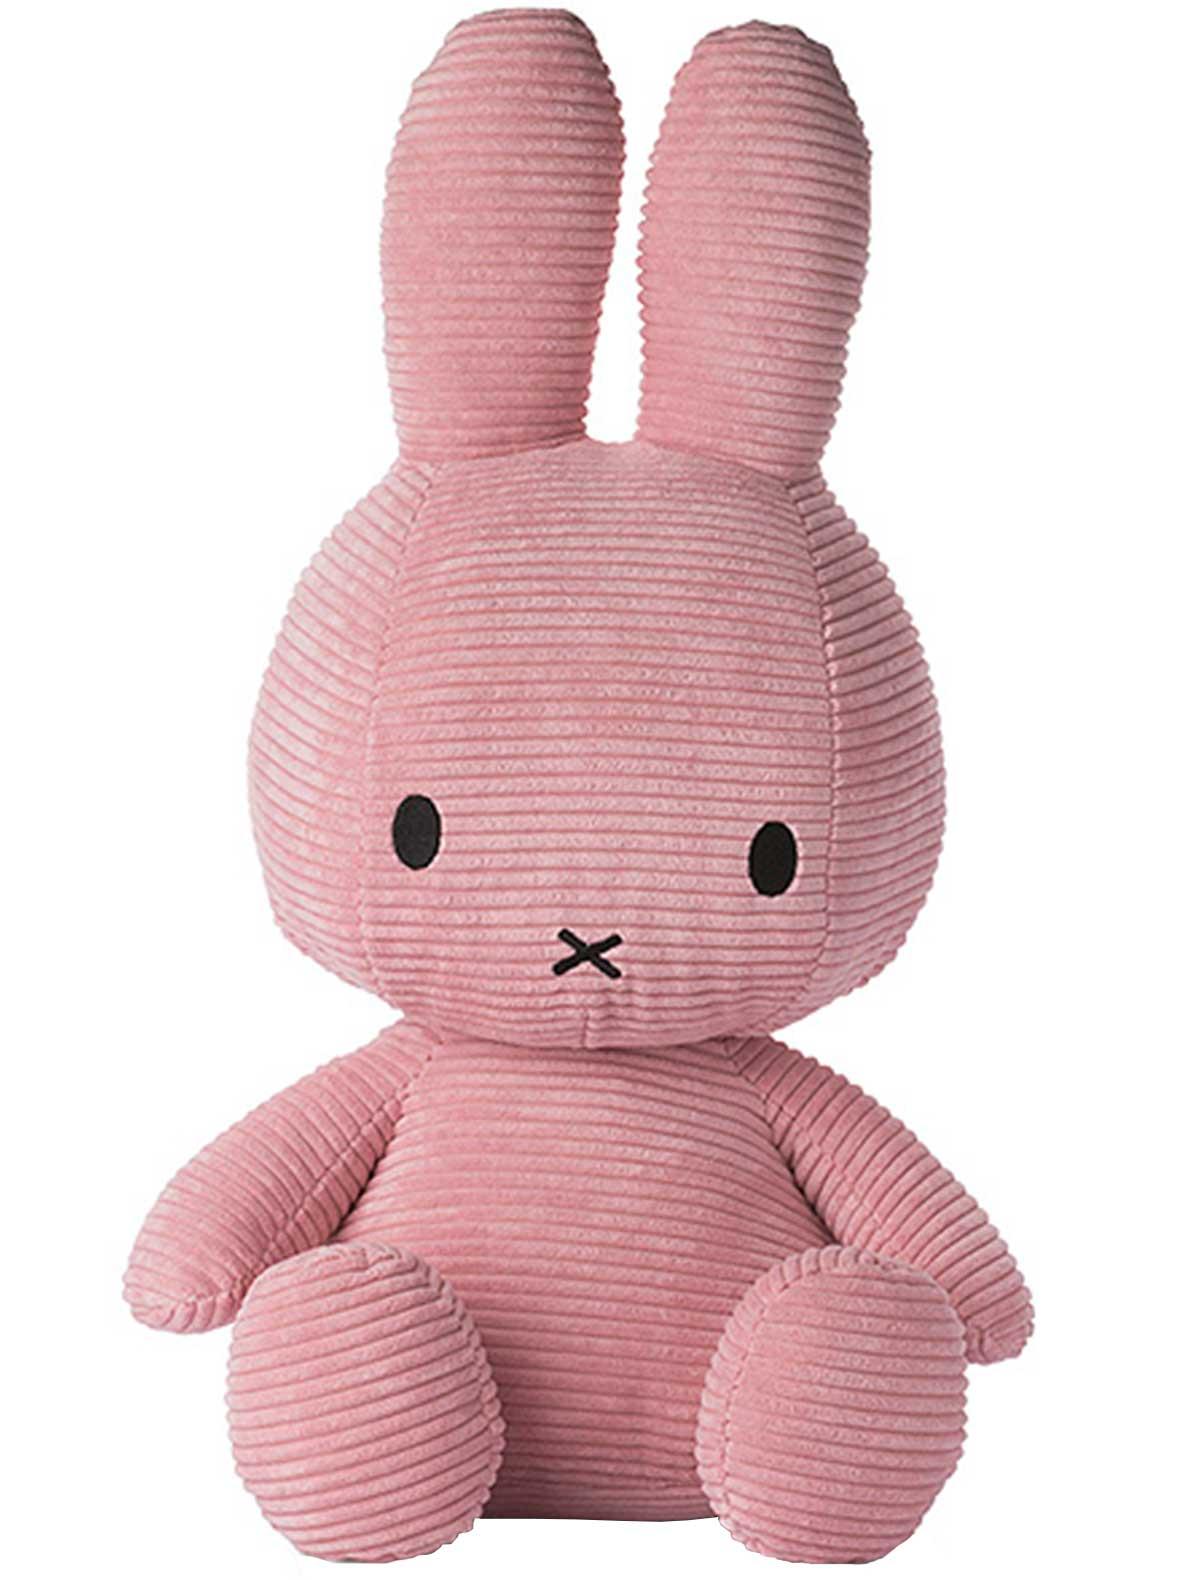 Купить 2265000, Игрушка мягкая Bon Ton Toys, розовый, 7124529080503